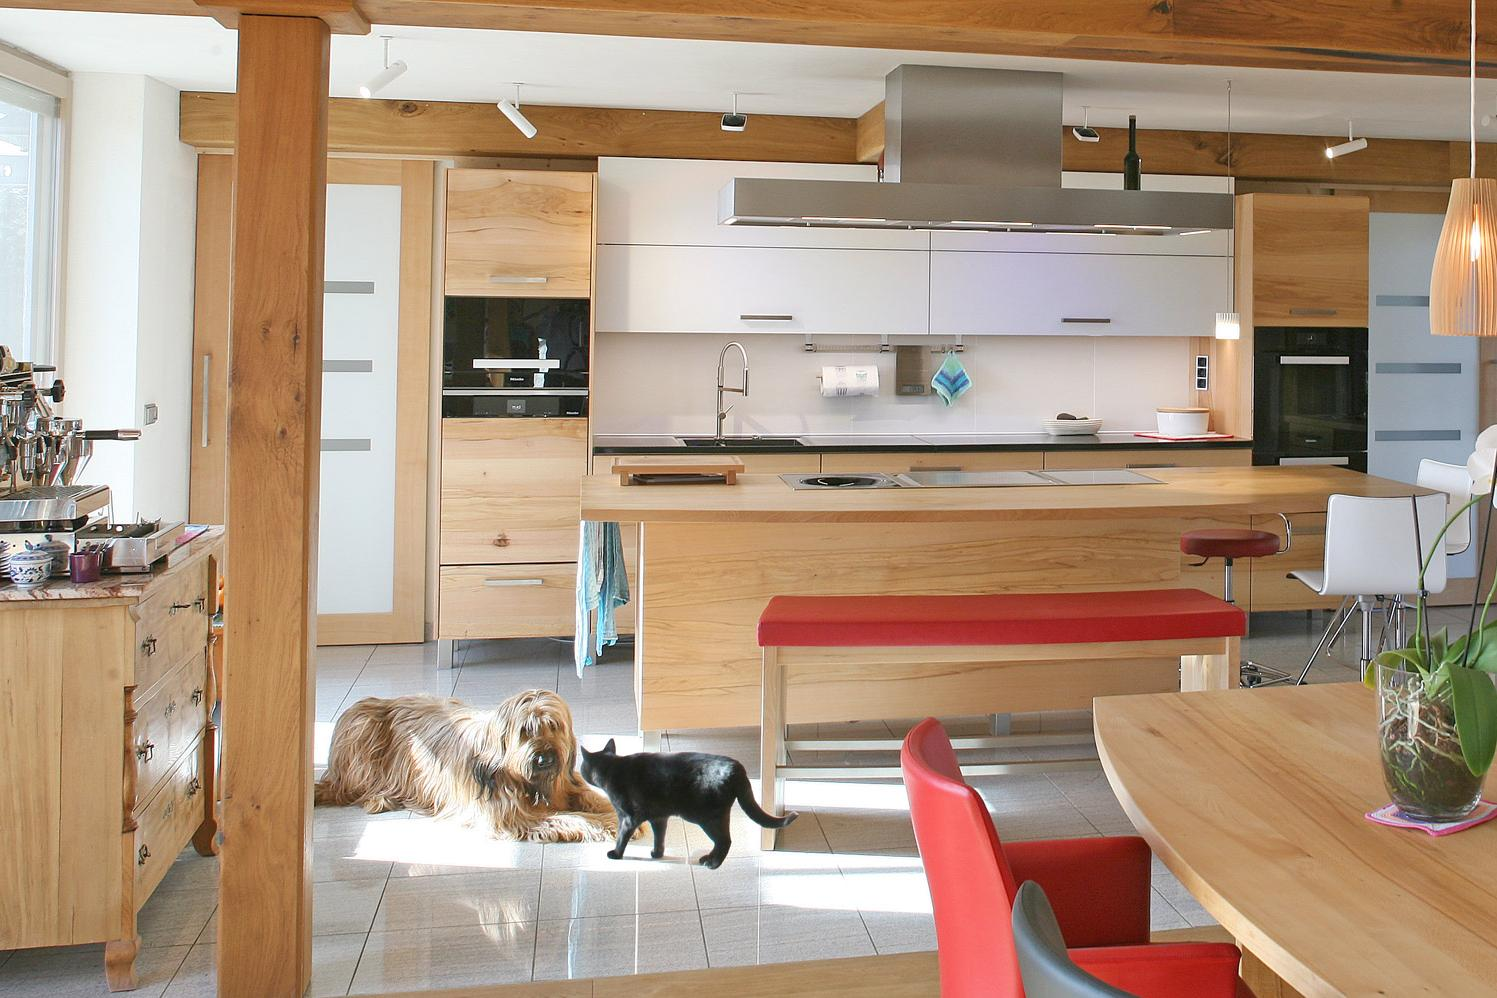 Full Size of Massivholzküche Modern Massivholzkchen Modernes Sofa Bett Design Küche Weiss Esstisch Moderne Esstische Wohnzimmer Bilder 180x200 Deckenleuchte Fürs Tapete Wohnzimmer Massivholzküche Modern